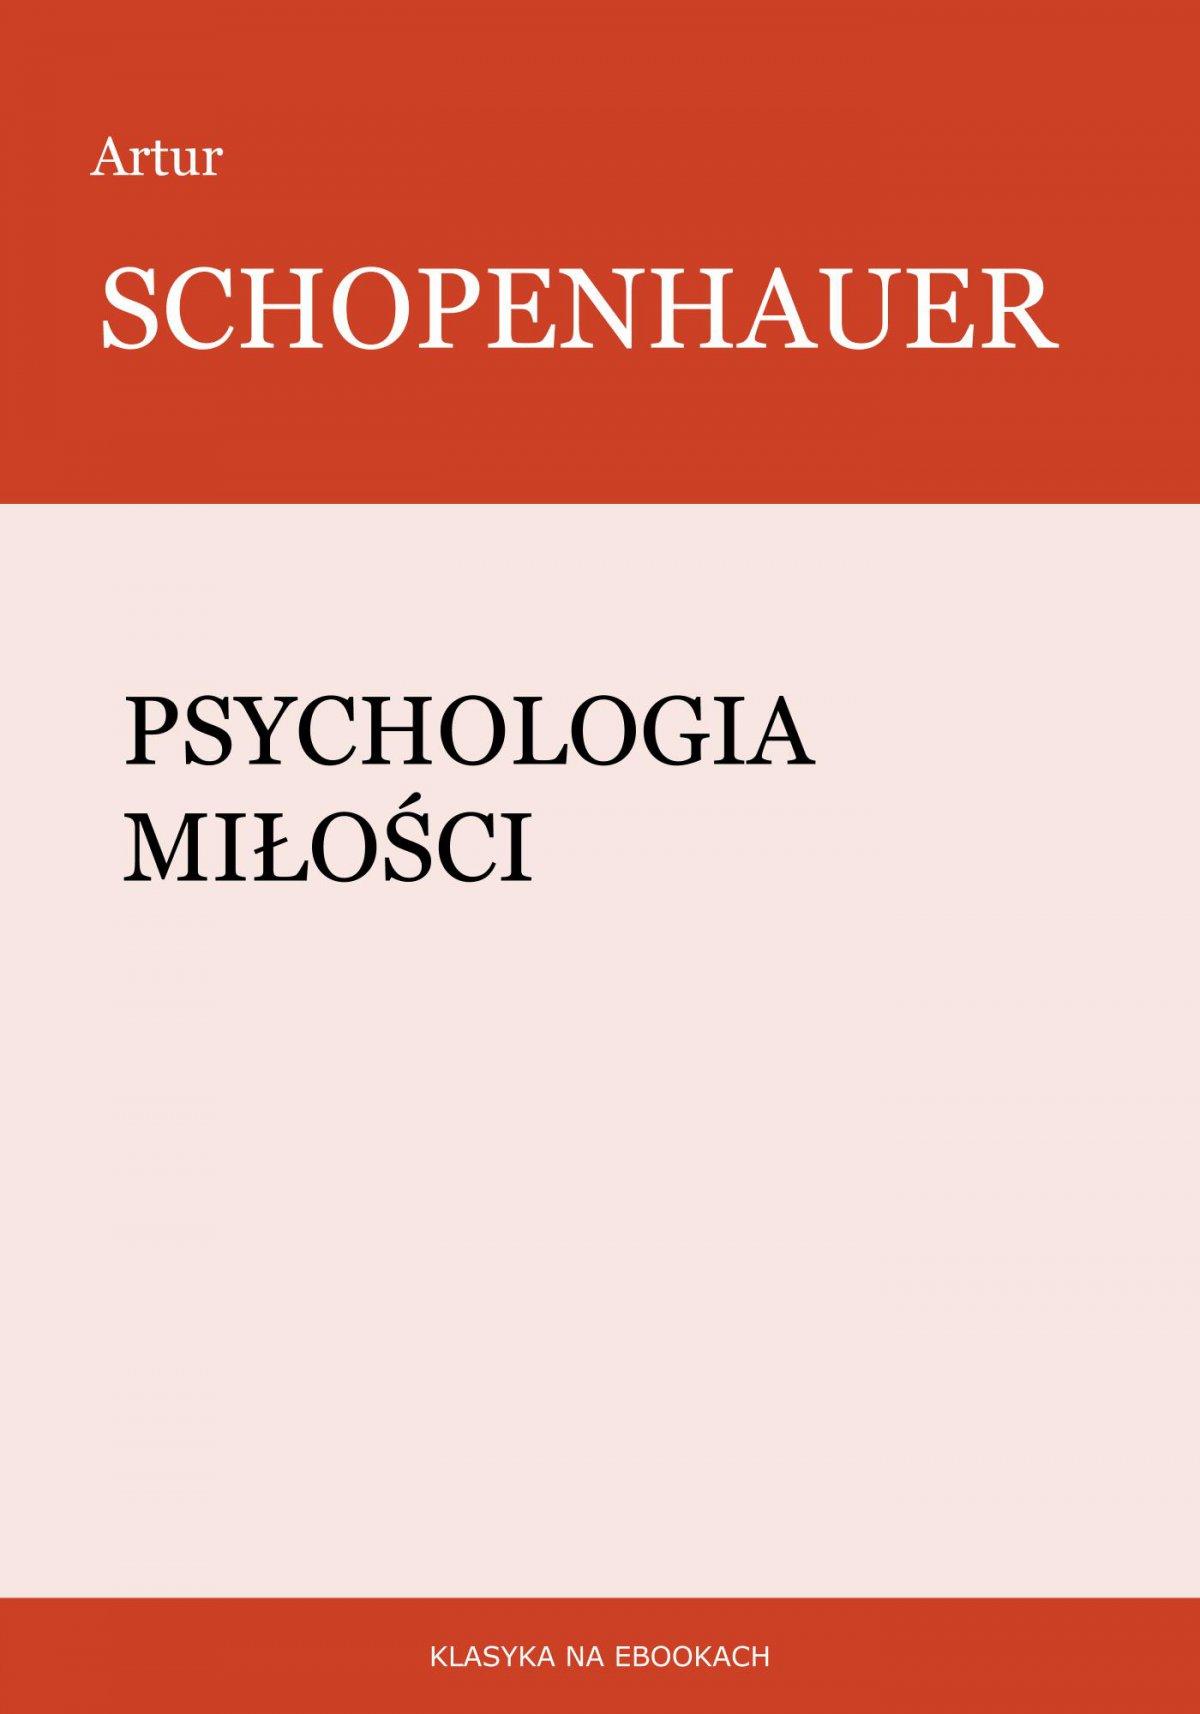 Psychologia miłości - Ebook (Książka EPUB) do pobrania w formacie EPUB